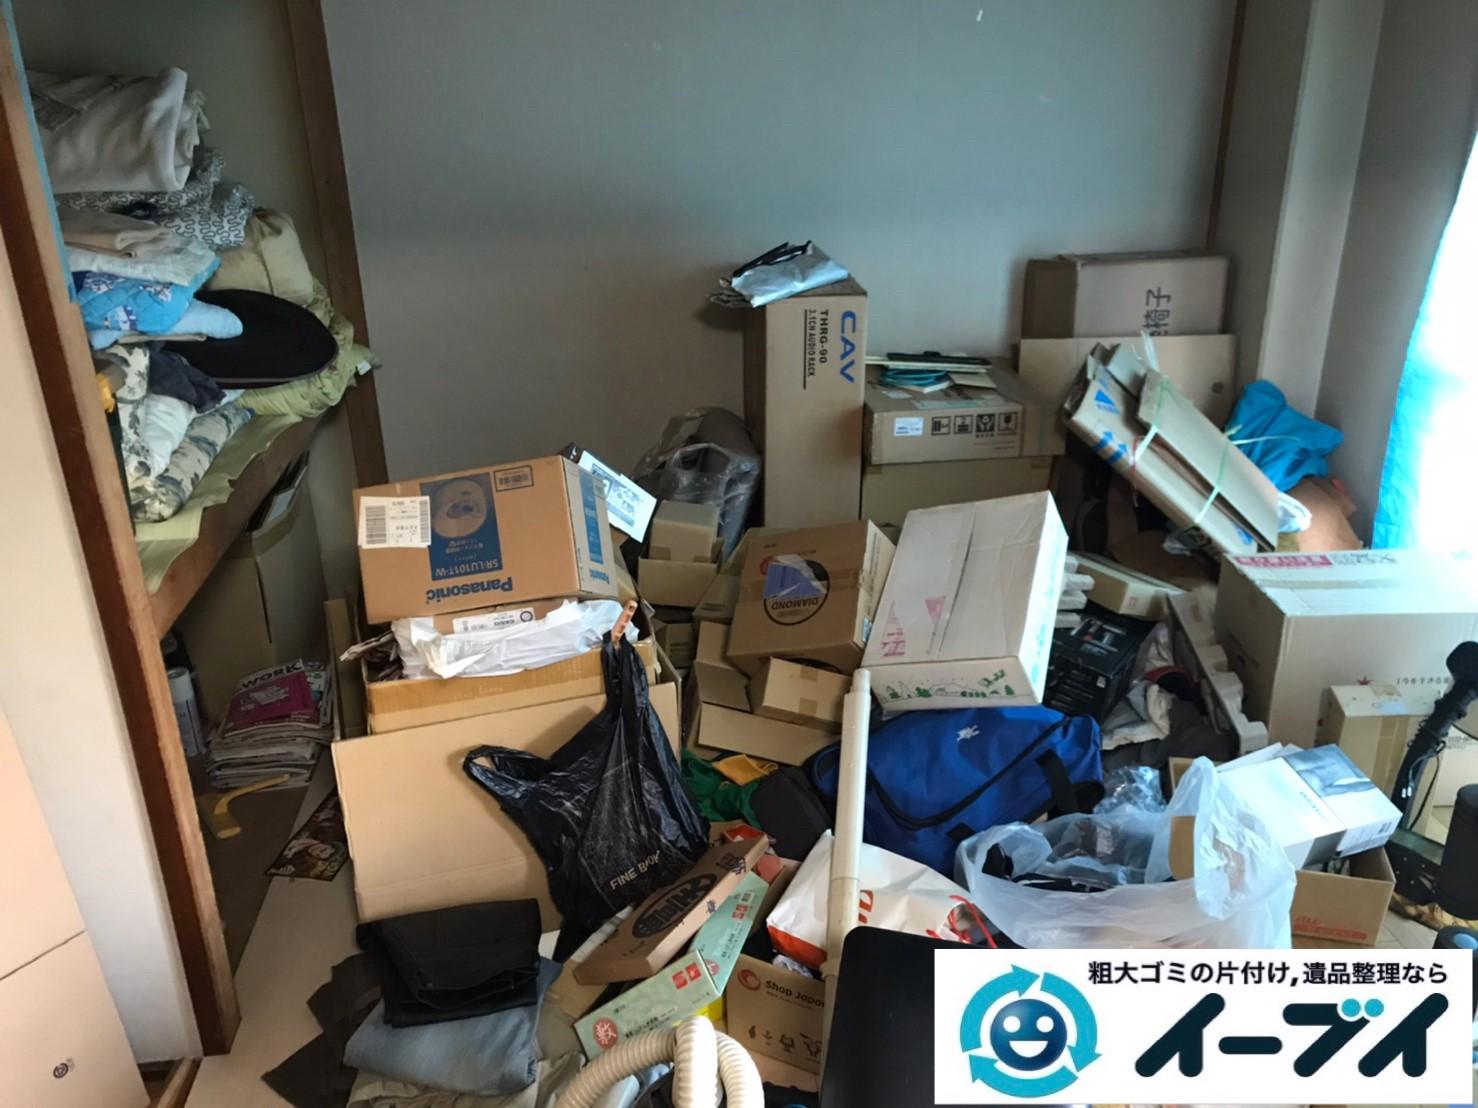 2020年4月27日大阪府大阪市浪速区で床が見えないほど、不要な物やゴミが散乱したゴミ屋敷の片付け作業。写真1